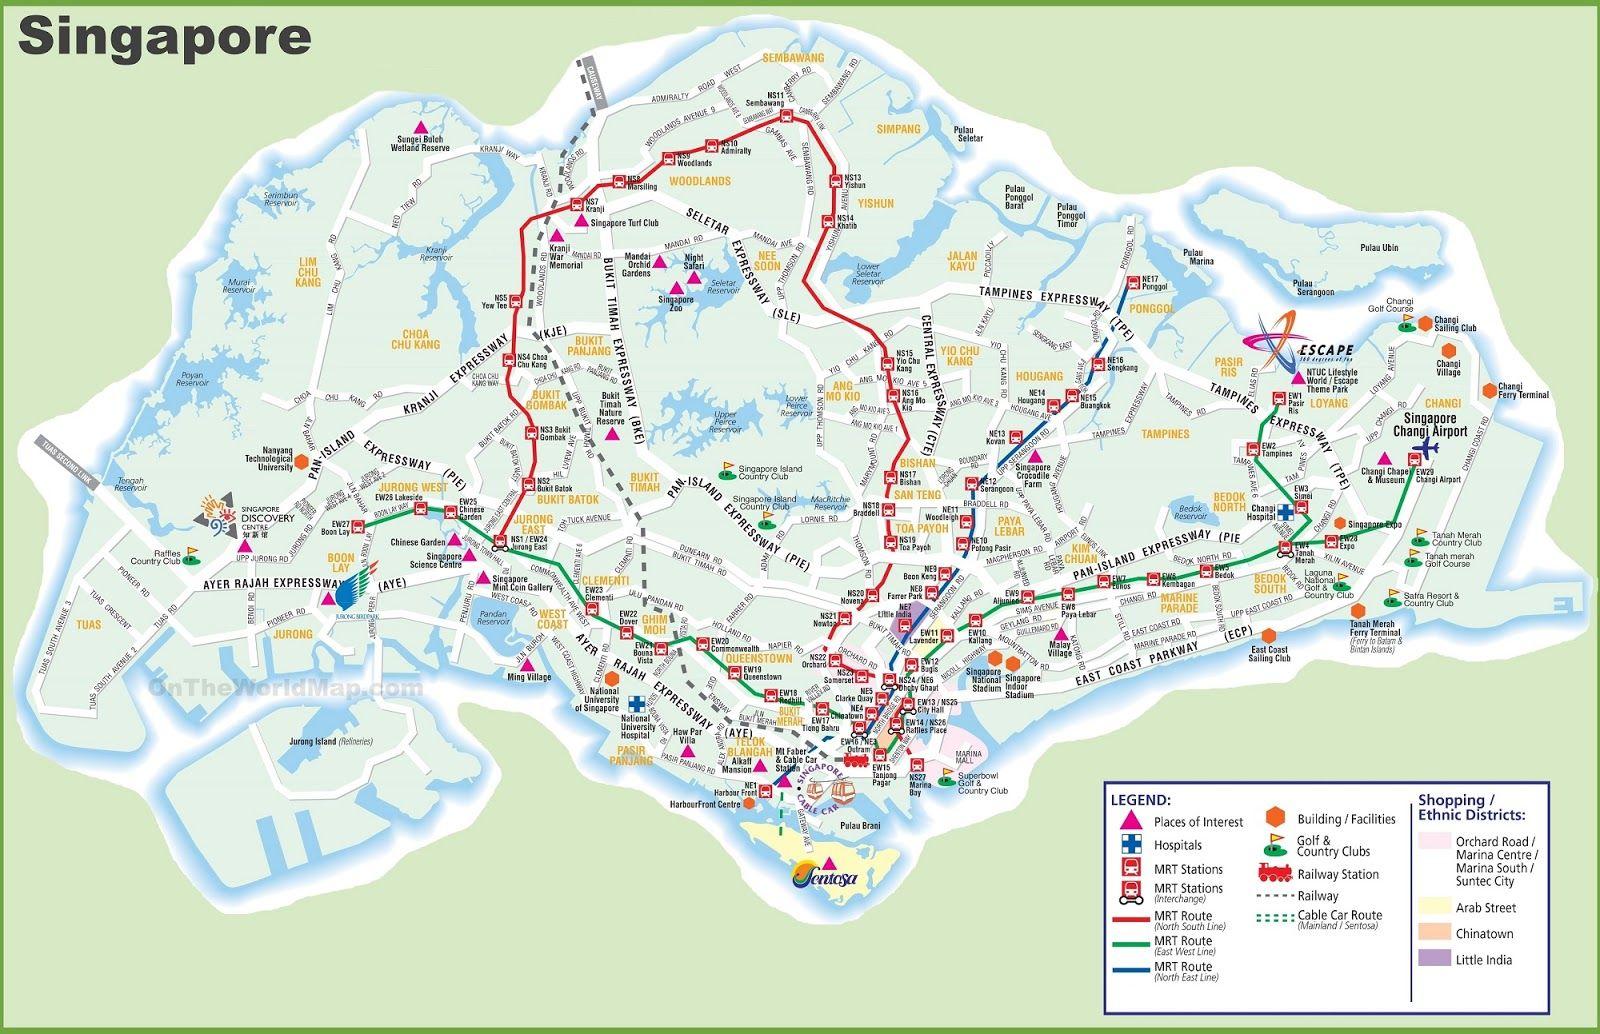 Peta Singapura Hd Lengkap Dan Keterangannya Universal Studios Peta General Hospital